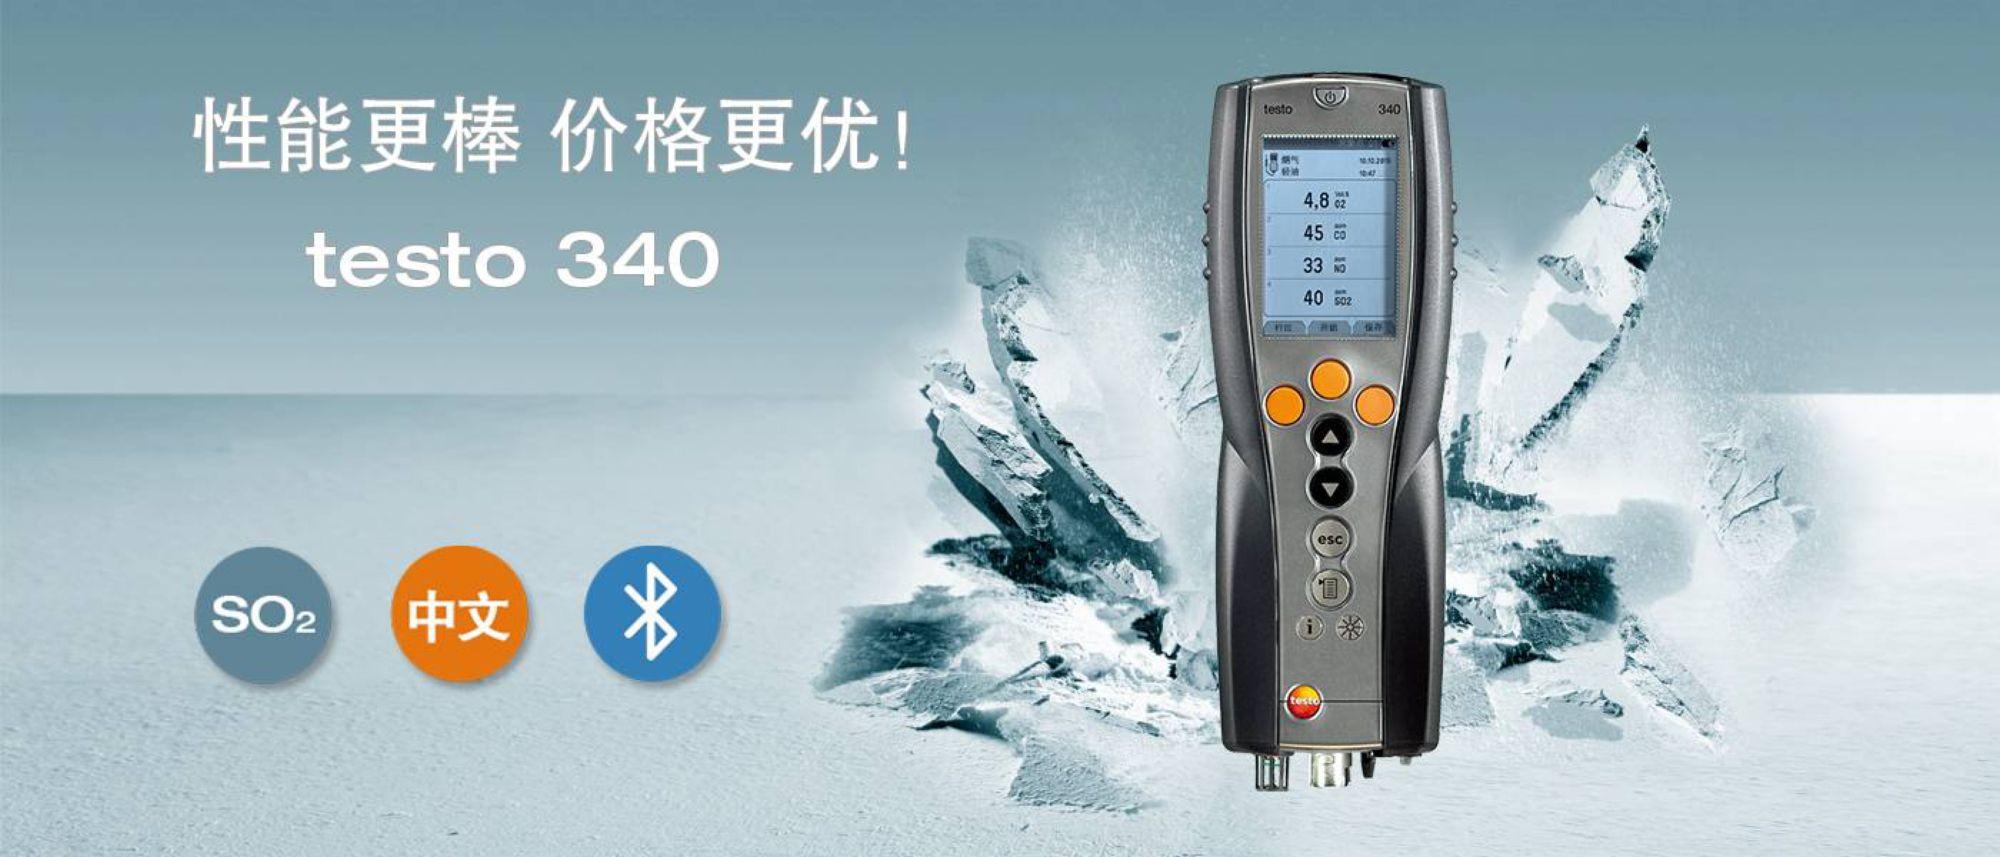 便携的手持式测量仪,用于工业排放测量 紧凑的手持式四组分排放测量仪,可进行灵活的排放测量工作。